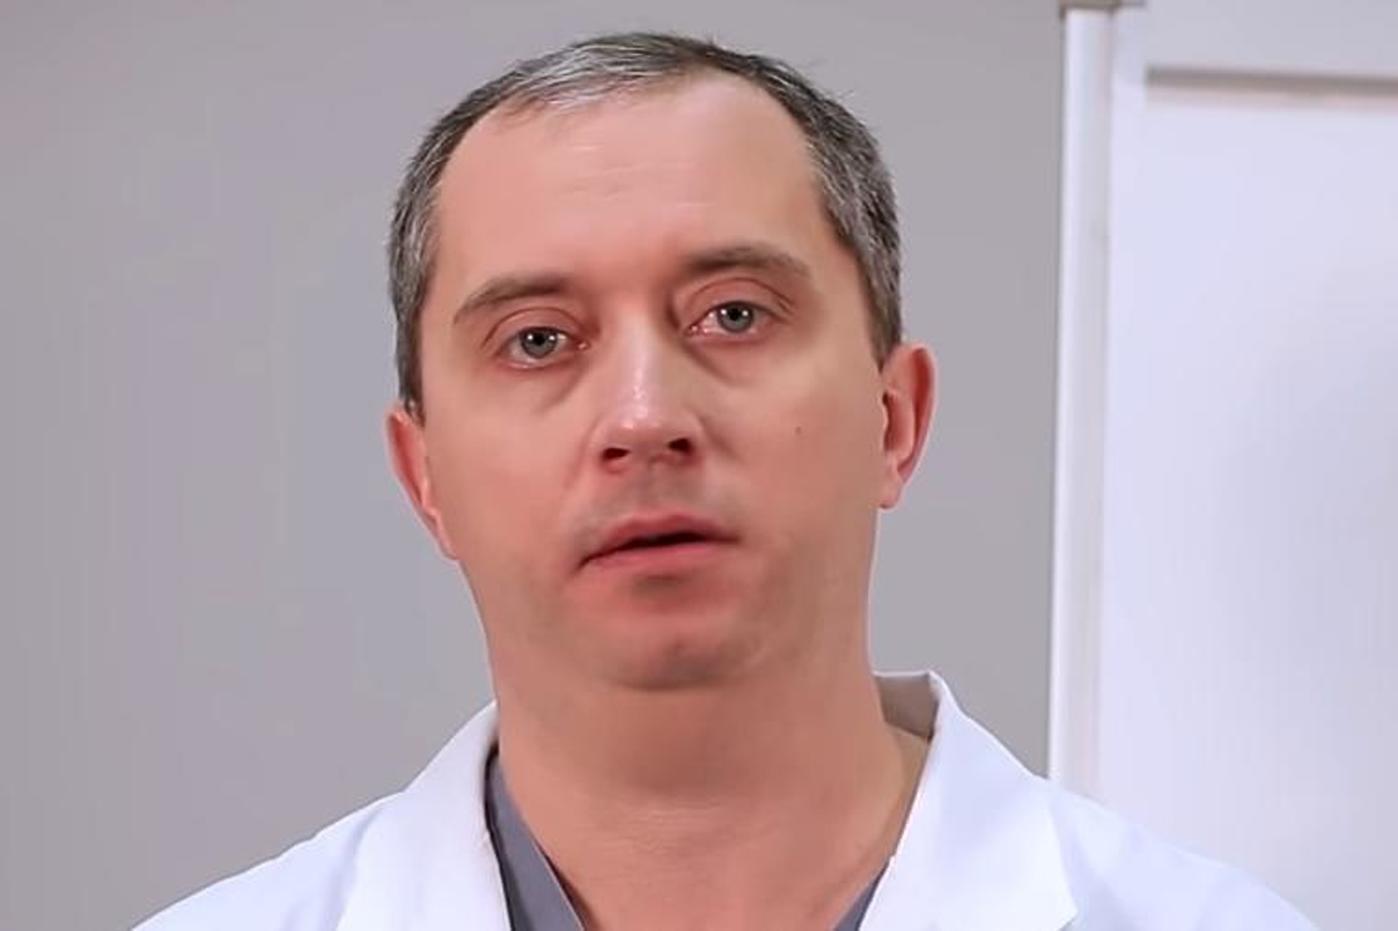 Arterijska hipertenzija: dijagnoza i liječenje u ambulanti obiteljske medicine - theturninggate.com